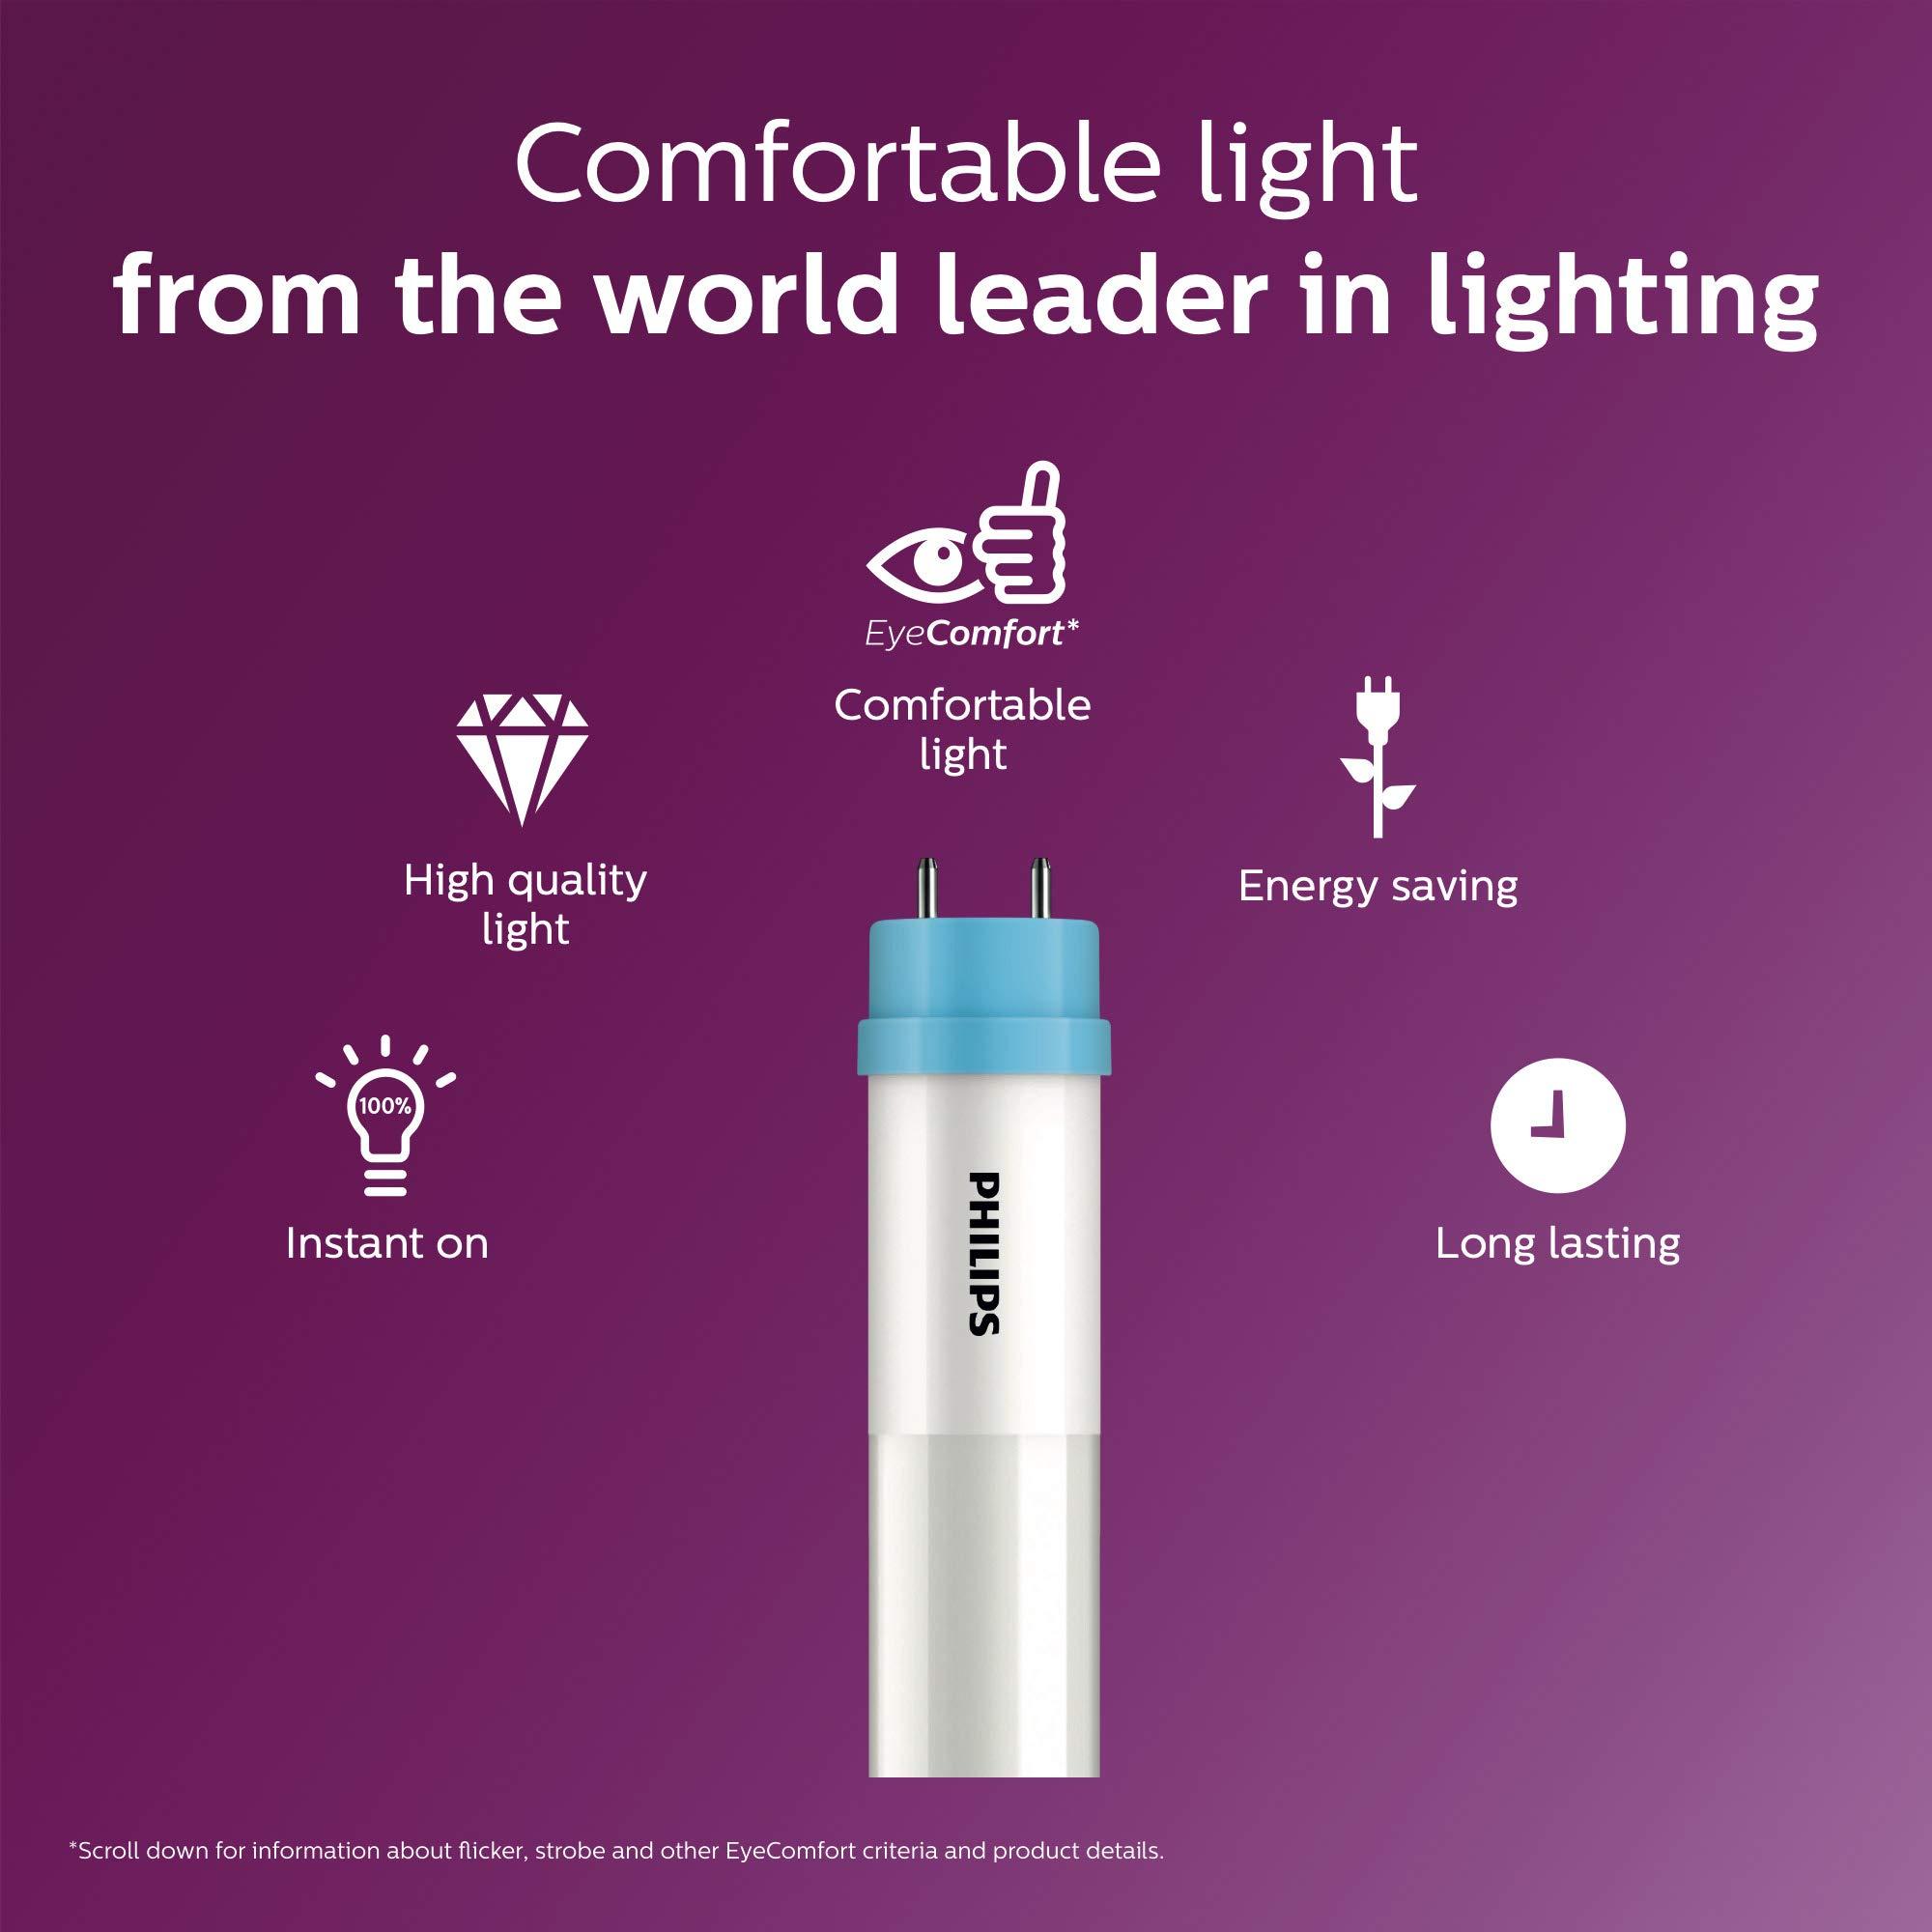 Philips LED InstantFit 4-Foot T8 Tube Light Bulb 1800-Lumen, 4000-Kelvin, 16 (32-Watt Equivalent), Medium Bi-Pin G13 Base, Cool White, 8 Pack, 544247, 4000 Kelvin, 8 Piece by PHILIPS (Image #7)